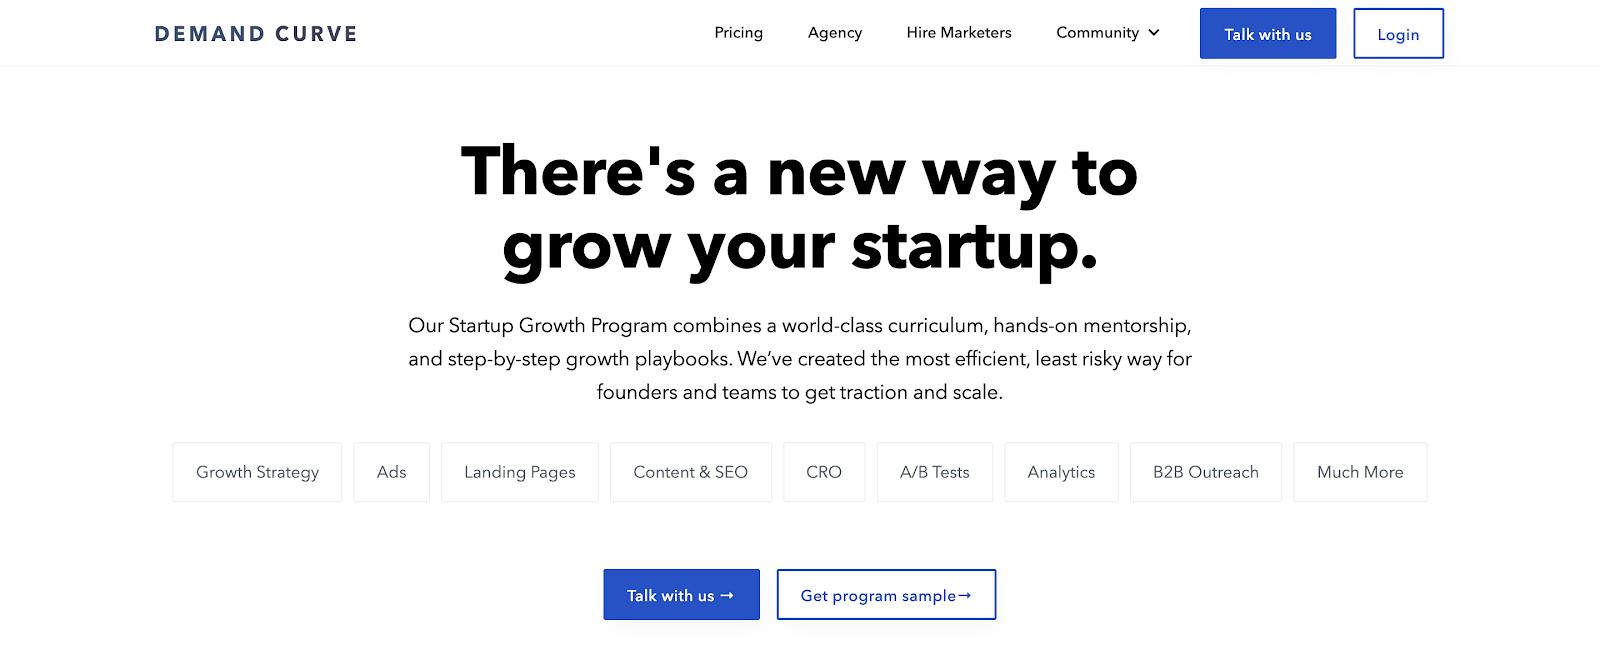 Online courses for entrepreneurs #6: Demand Curve